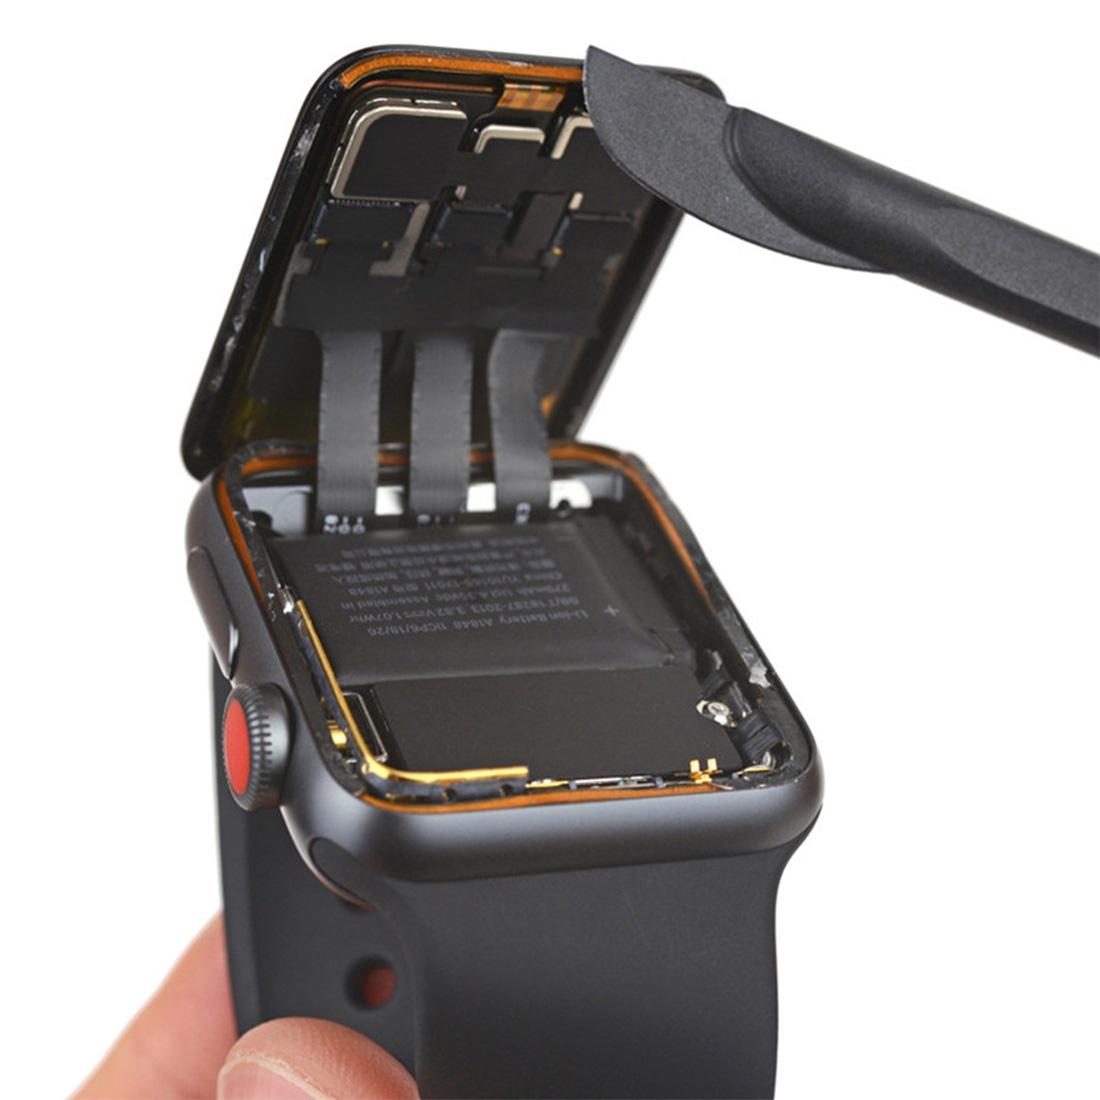 صفحه-نمایش-ساعت-lcd-touch-screen-Apple-Watch-Series-3-Cellular-38mm(7).jpg